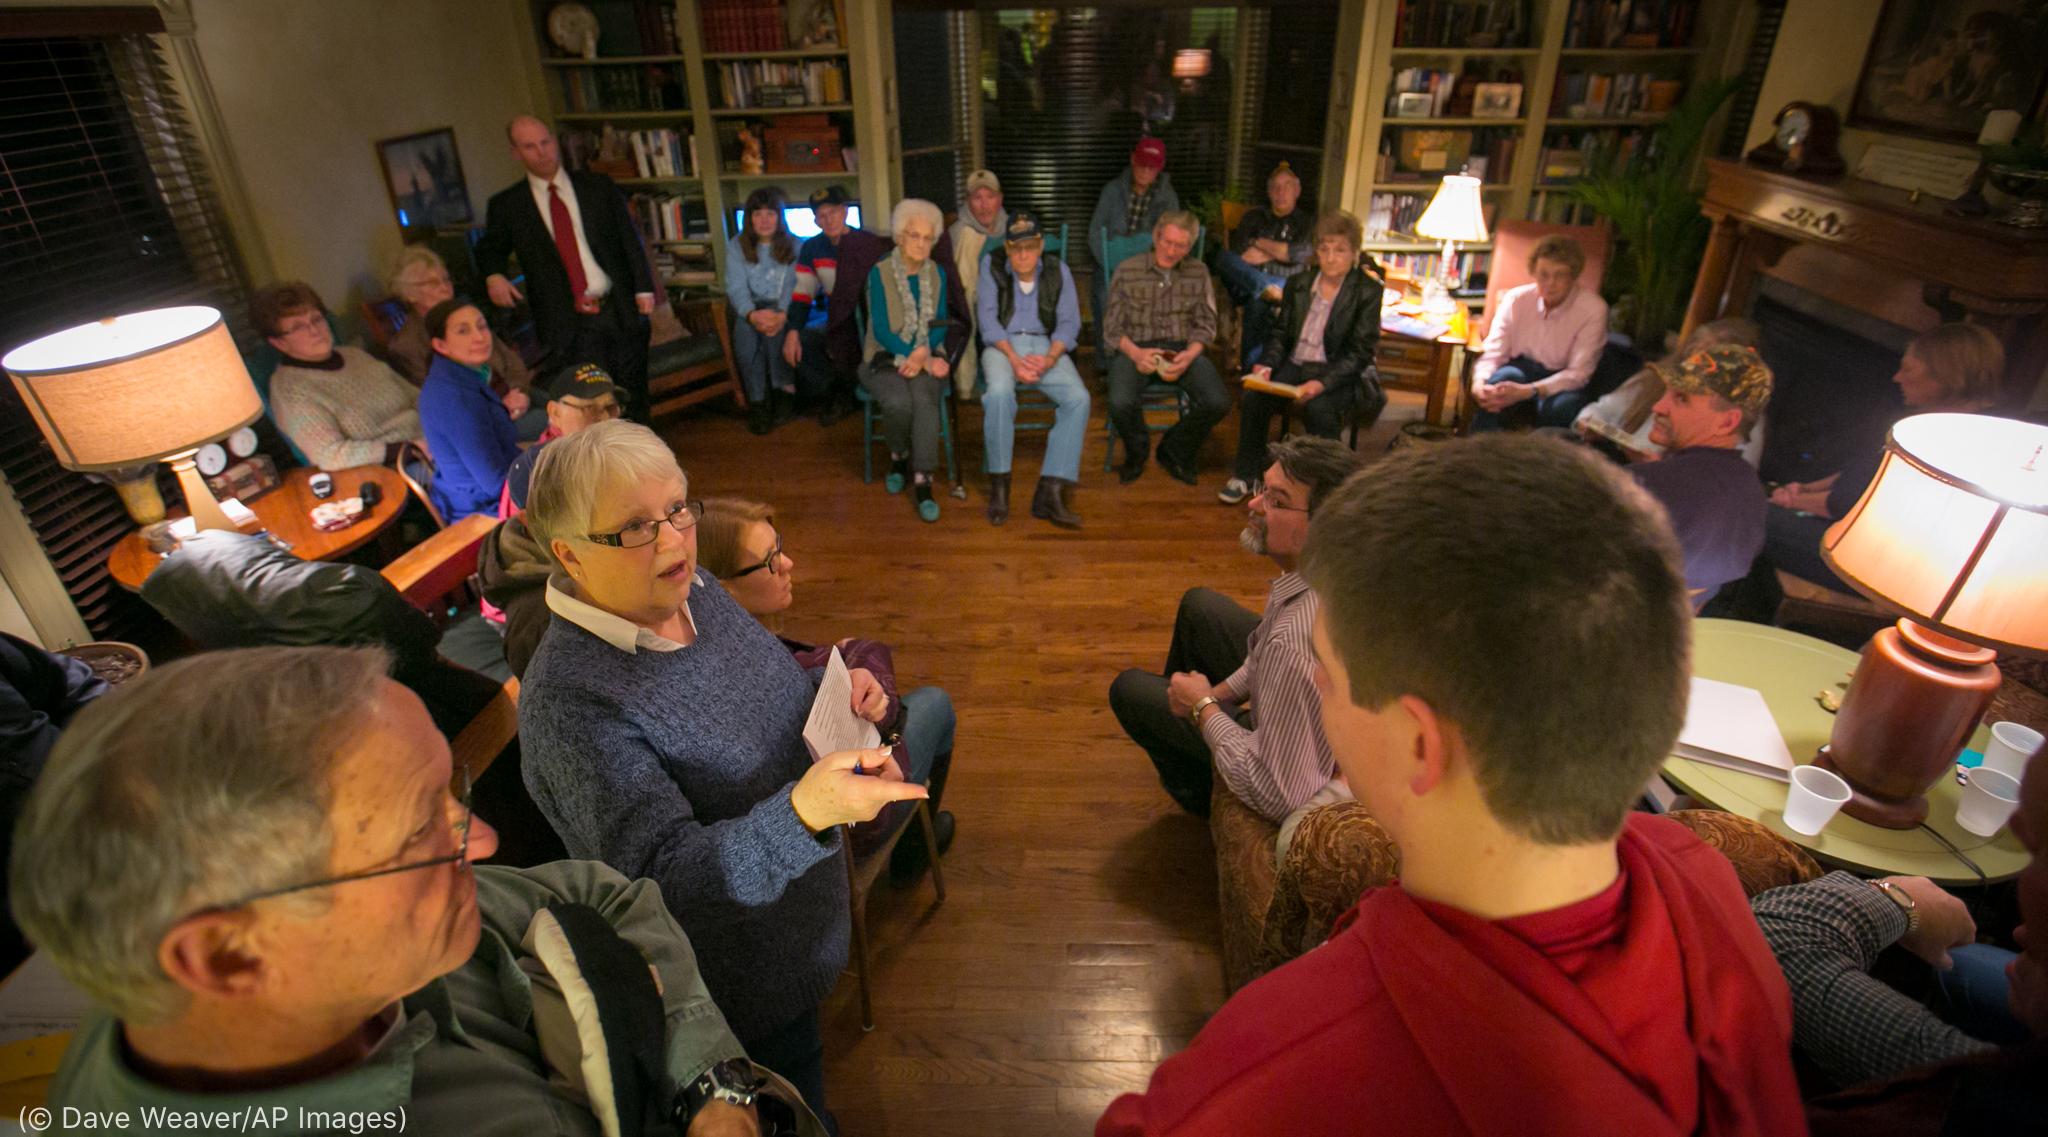 İnsanlar sandalyede oturarak ve ayakta durarak bir konuda tartışıyorlar (© Dave Weaver/AP Images)